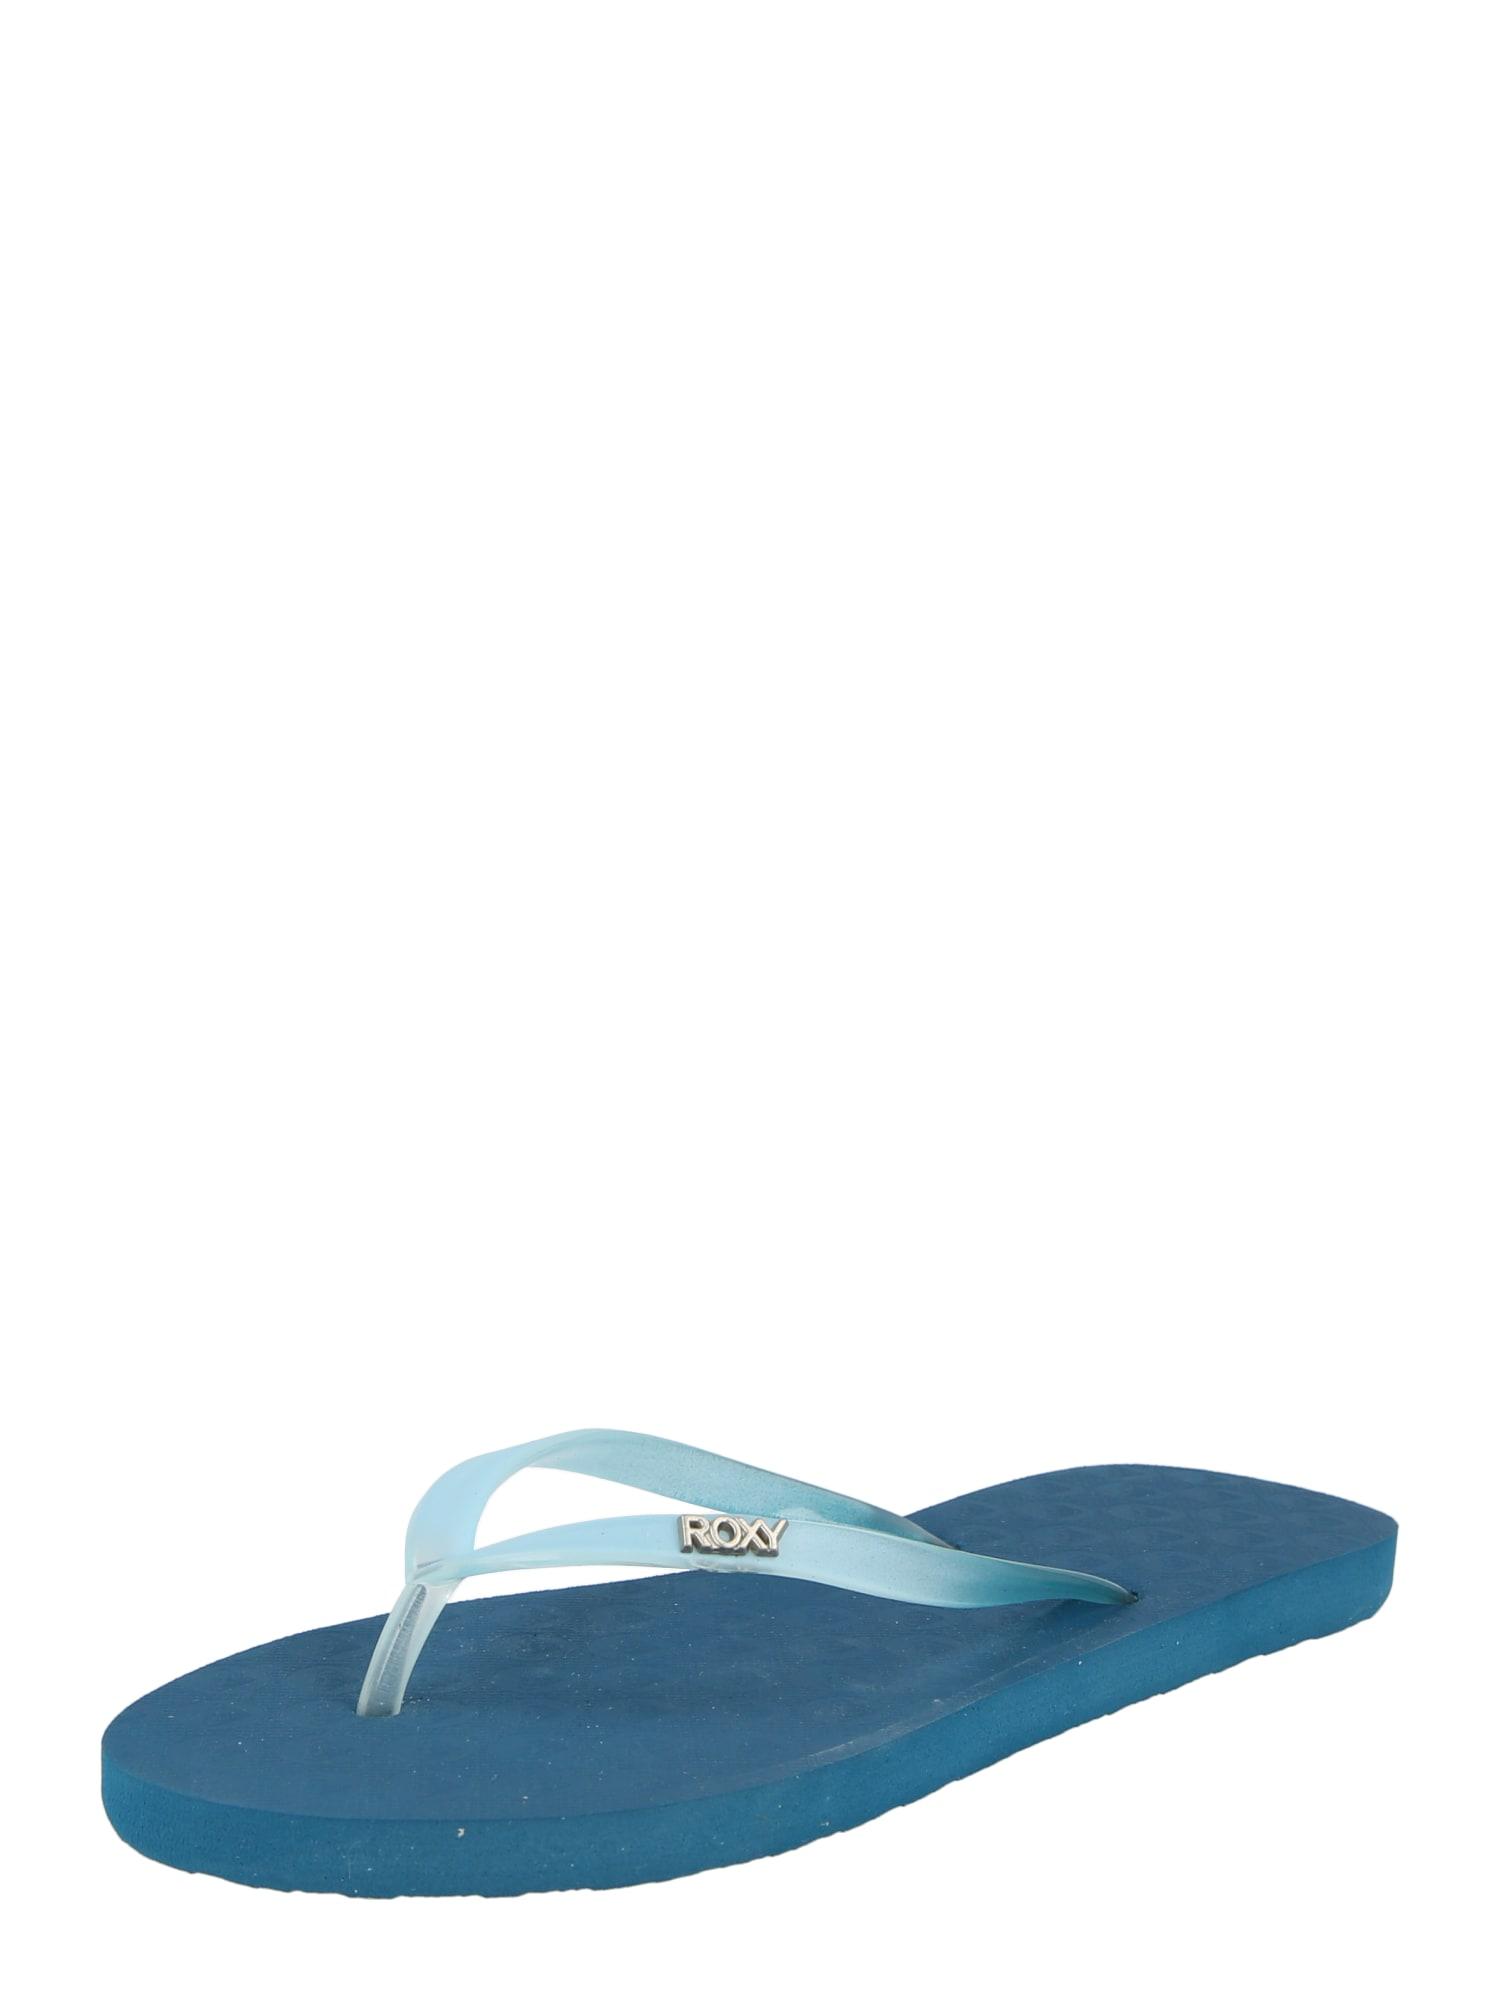 ROXY Séparateur d'orteils 'VIVA'  - Bleu - Taille: 6 - female